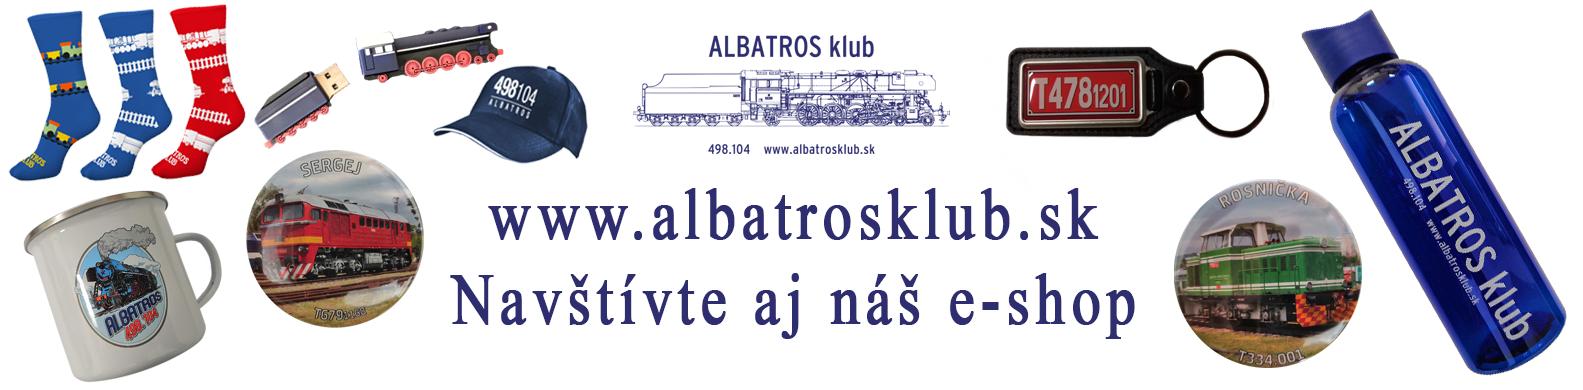 banner ALBATROS klub eshop